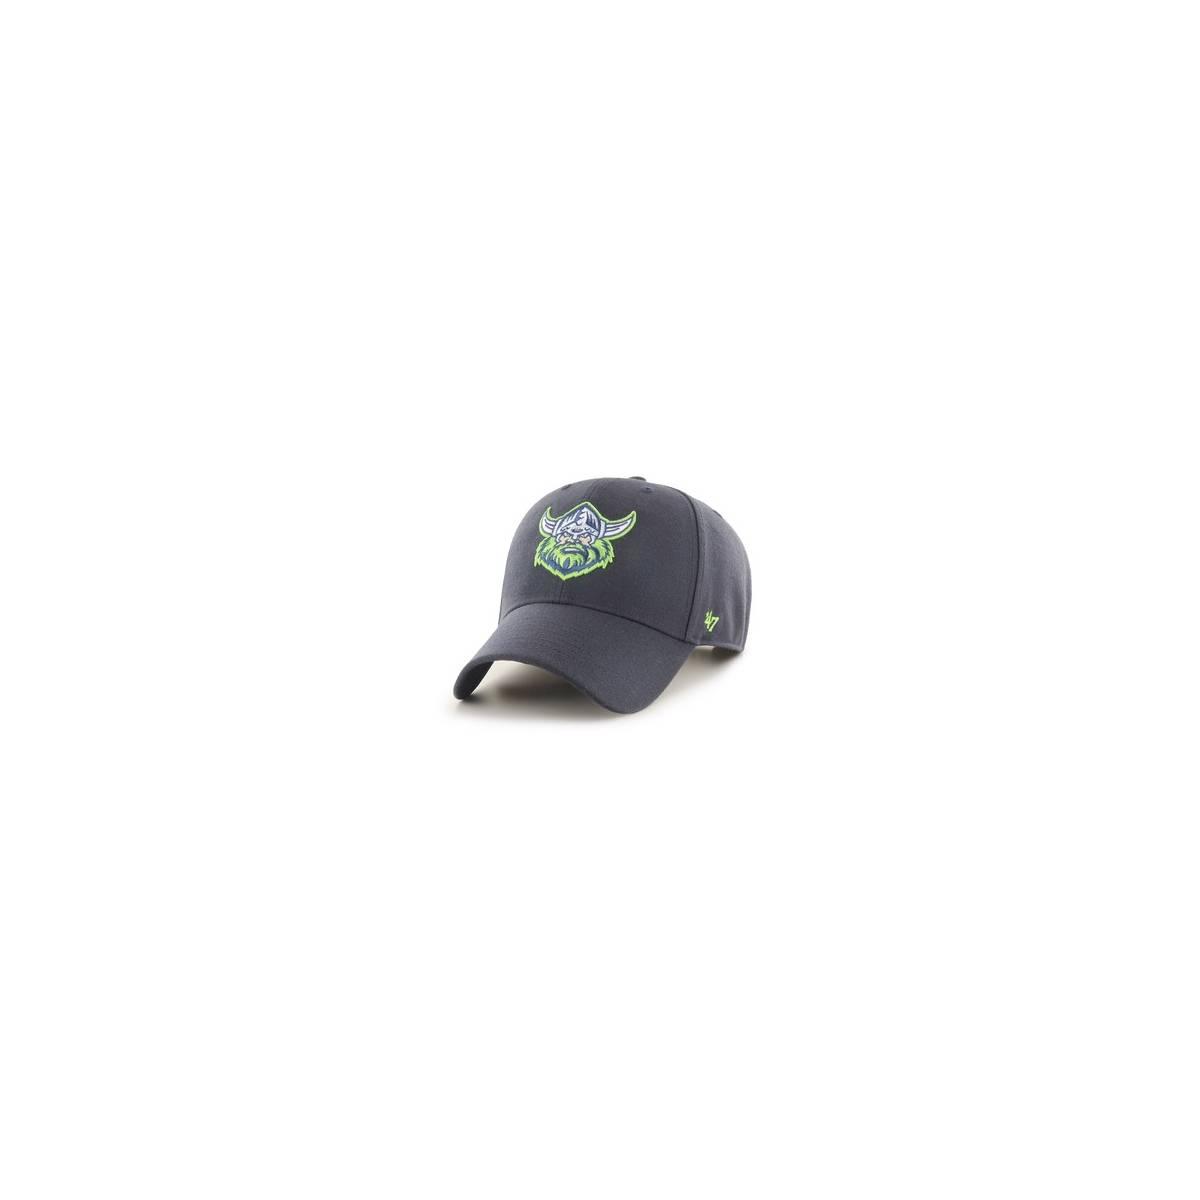 Raiders 47 MVP Navy Cap1